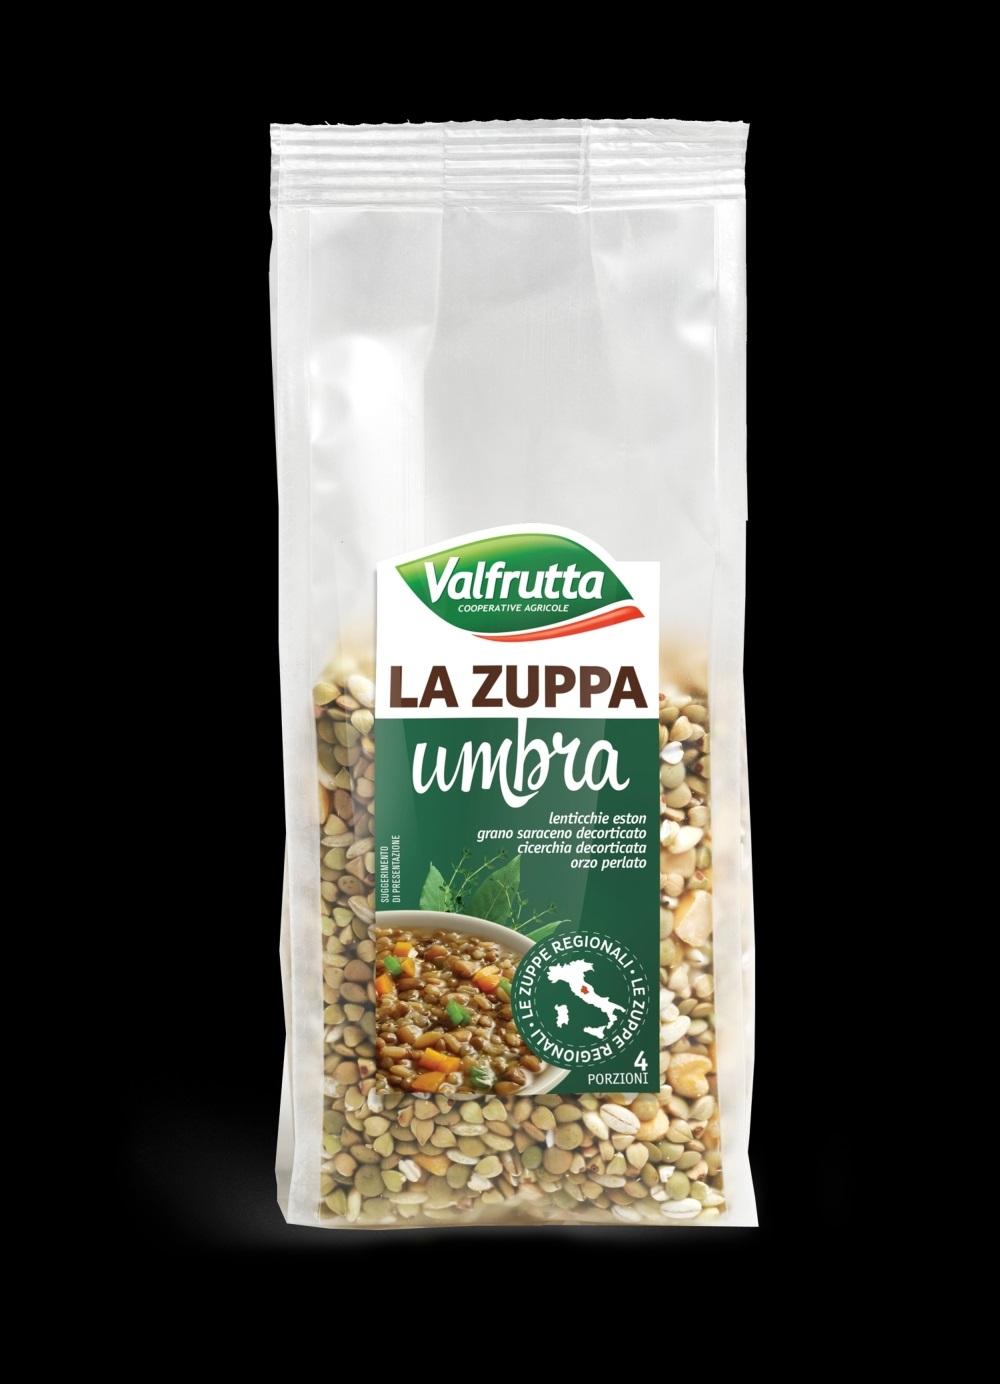 Da Valfrutta legumi e cereali secchi, per un pieno di benessere